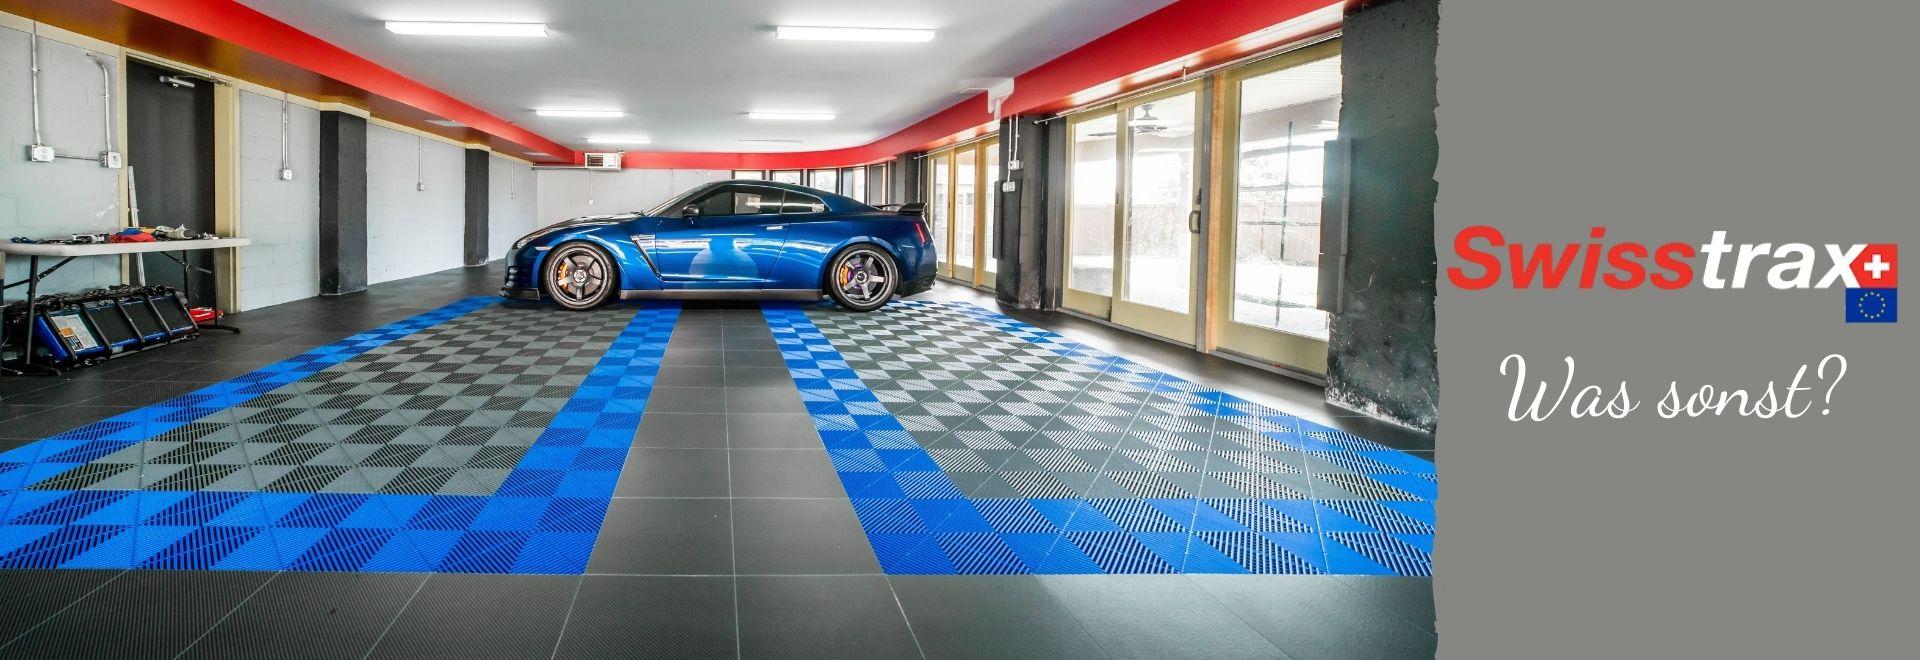 Swisstrax-Garagenboden - Was sonst